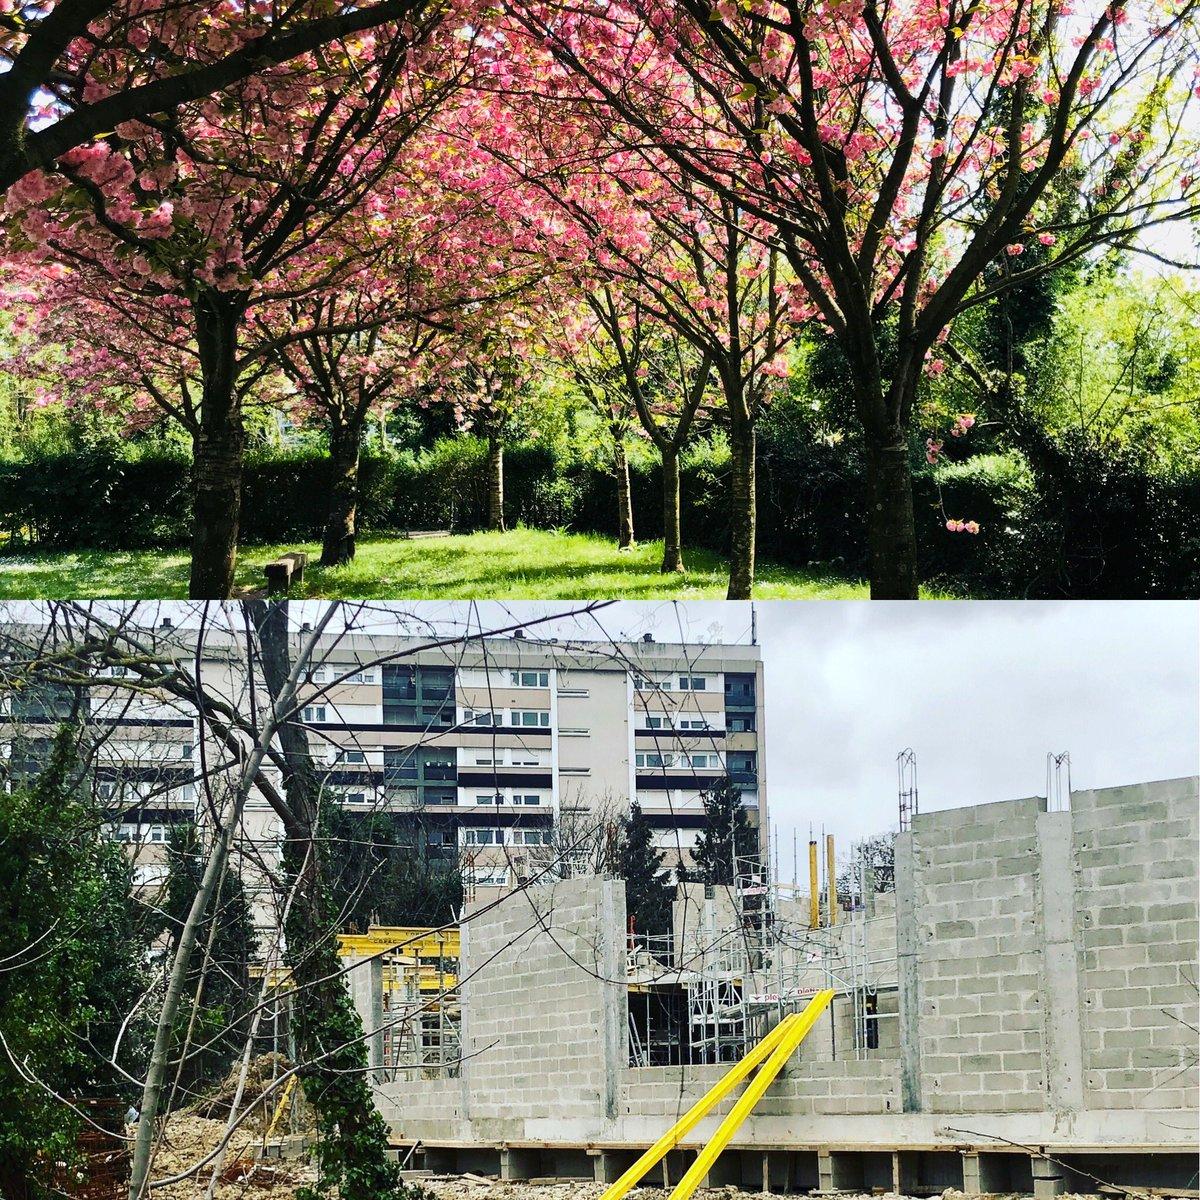 En cette #Journeedelabiodiversite arrêtons de supprimer les espaces verts à bagneux ! #journeemondialedelaterre #nature #ecologie #parc #arbre #HautsDeSeine #environnement #arbre #ecologie #JourneeMondialeBiodiversite #BiodiversityDay2020 #biodiversite #Bagneux #Climat https://t.co/GOFTuThBCp